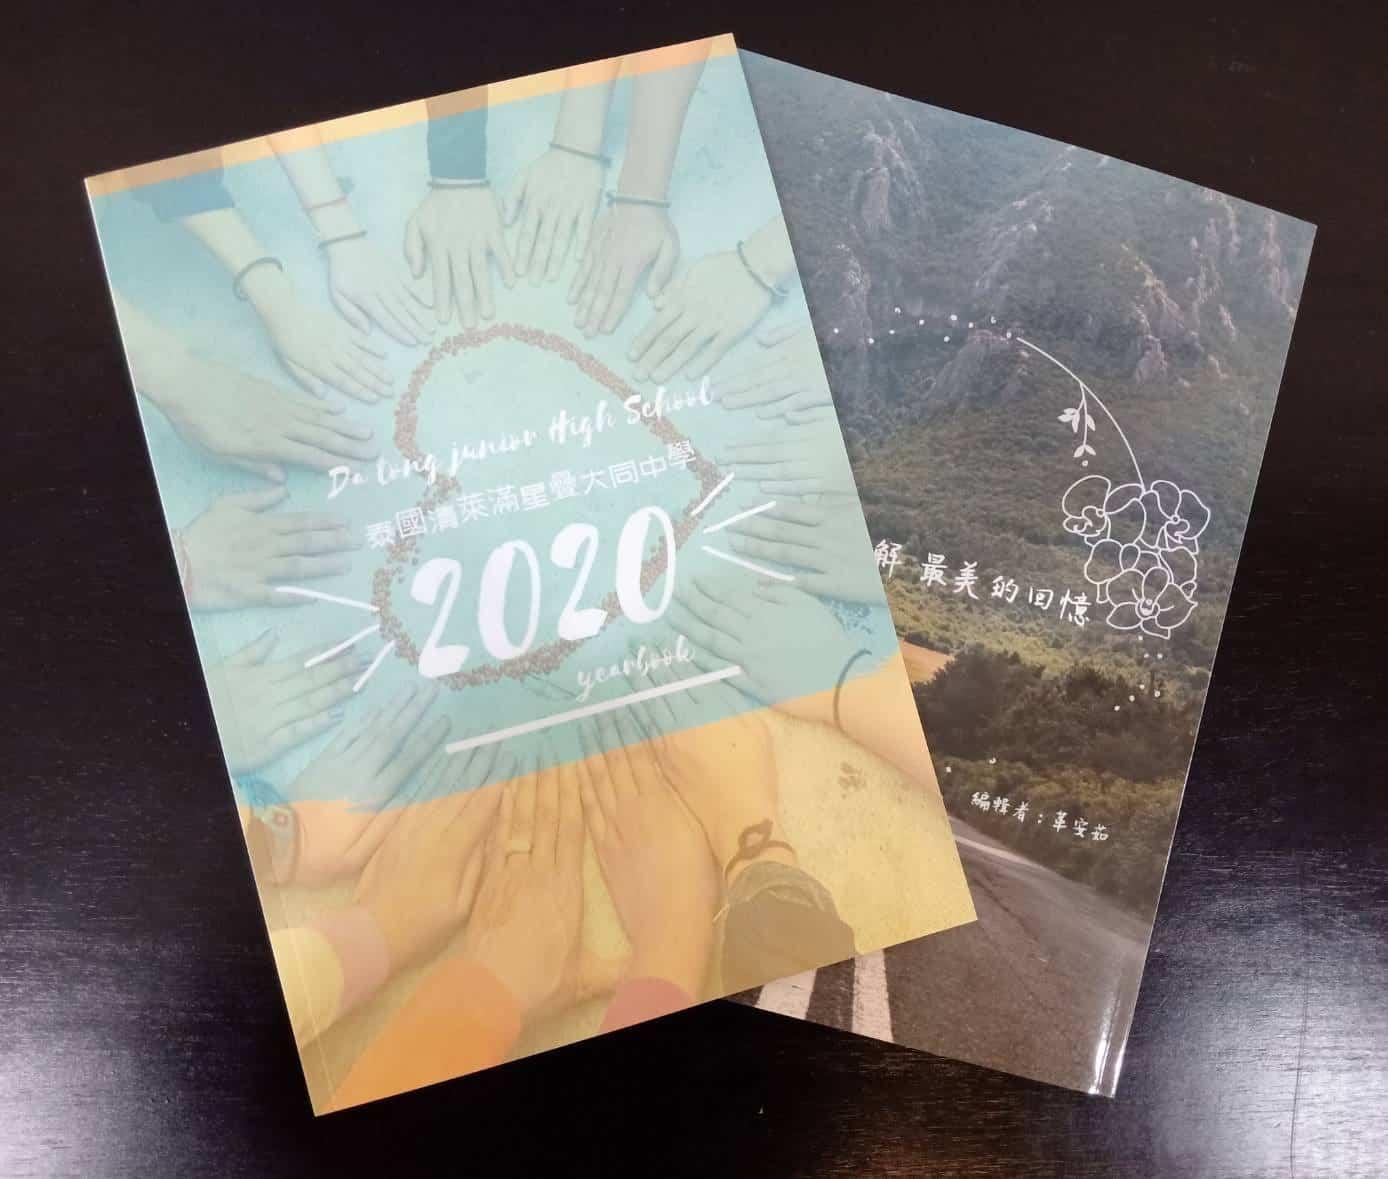 296600 - ตัวอย่างงานพิมพ์หนังสือรุ่น: Da Tong Junior High School